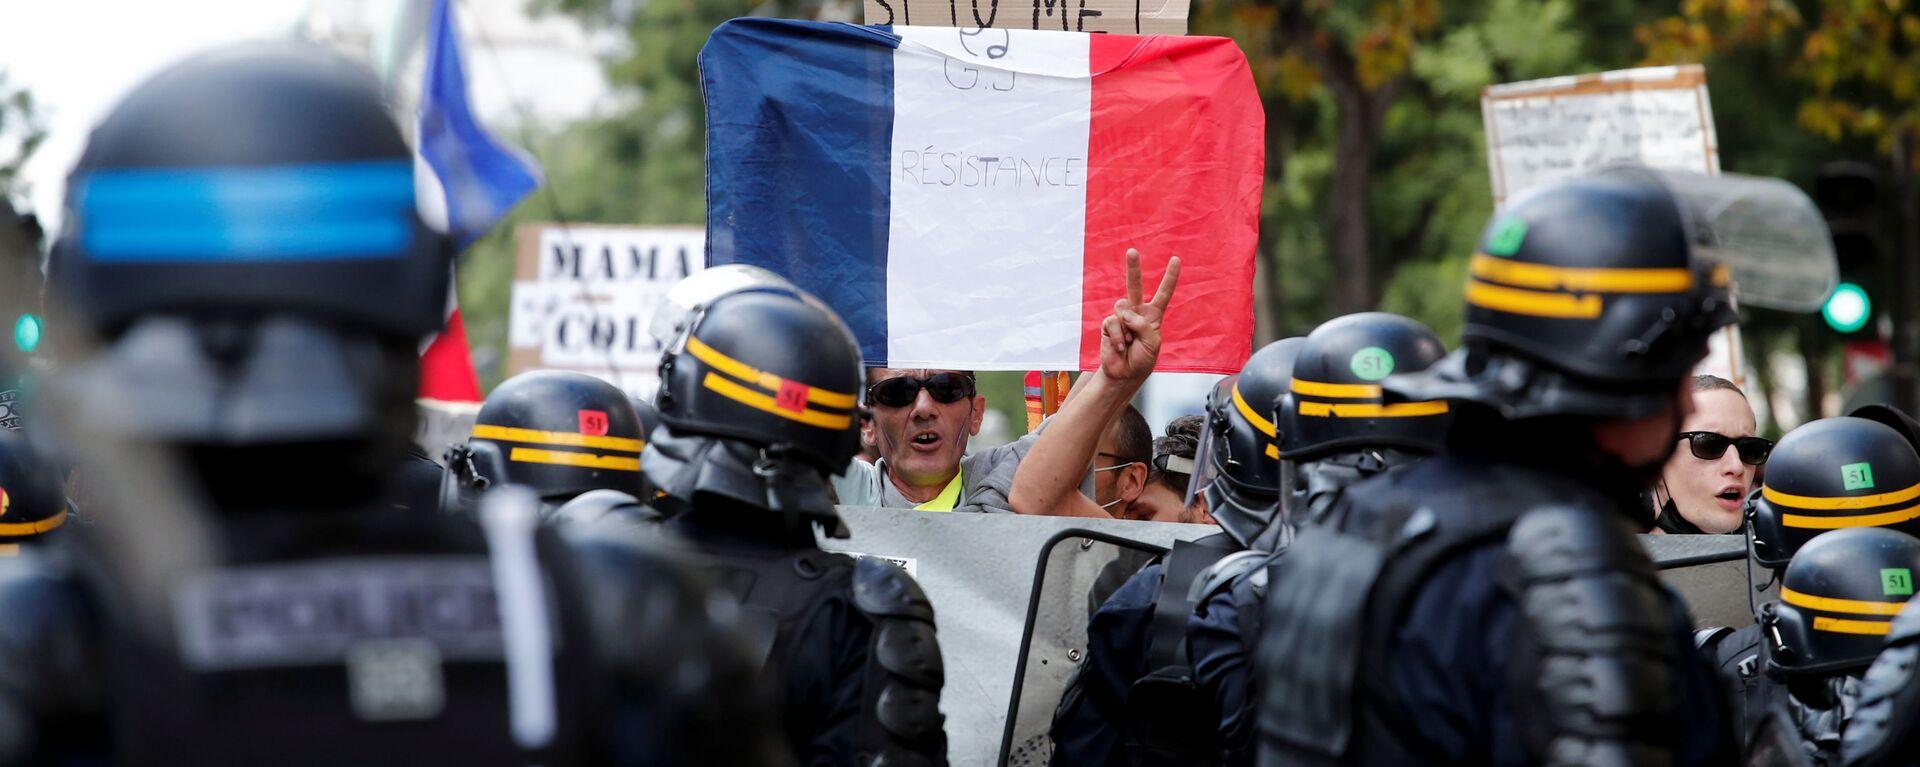 Demonstracje przeciwko ograniczeniom związanym z koronawirusem w Paryżu we Francji - Sputnik Polska, 1920, 11.09.2021